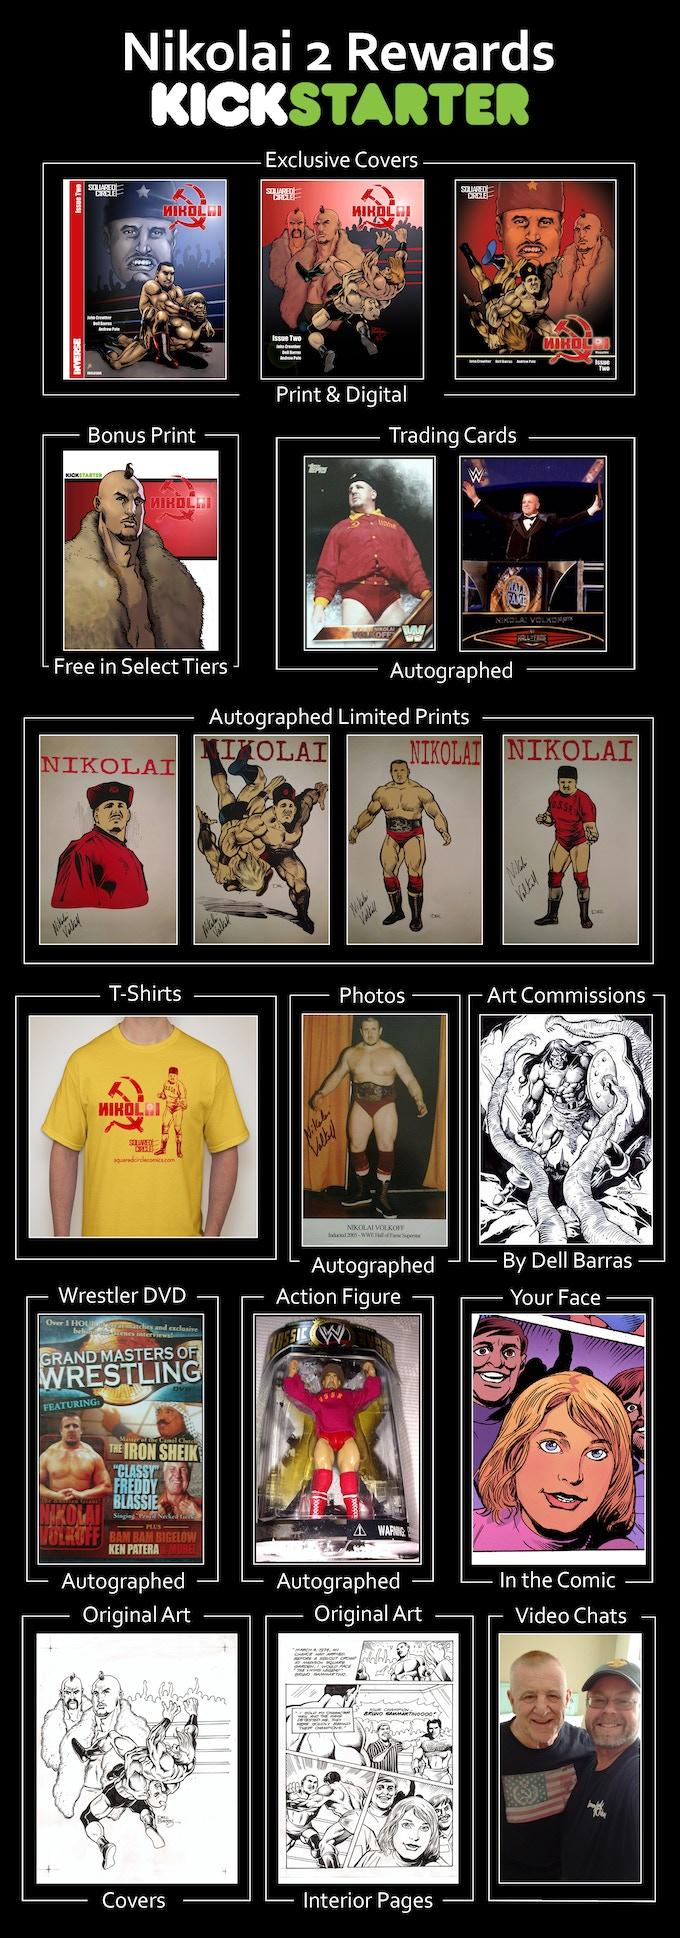 See Below for Details & Larger Images of Premium Rewards